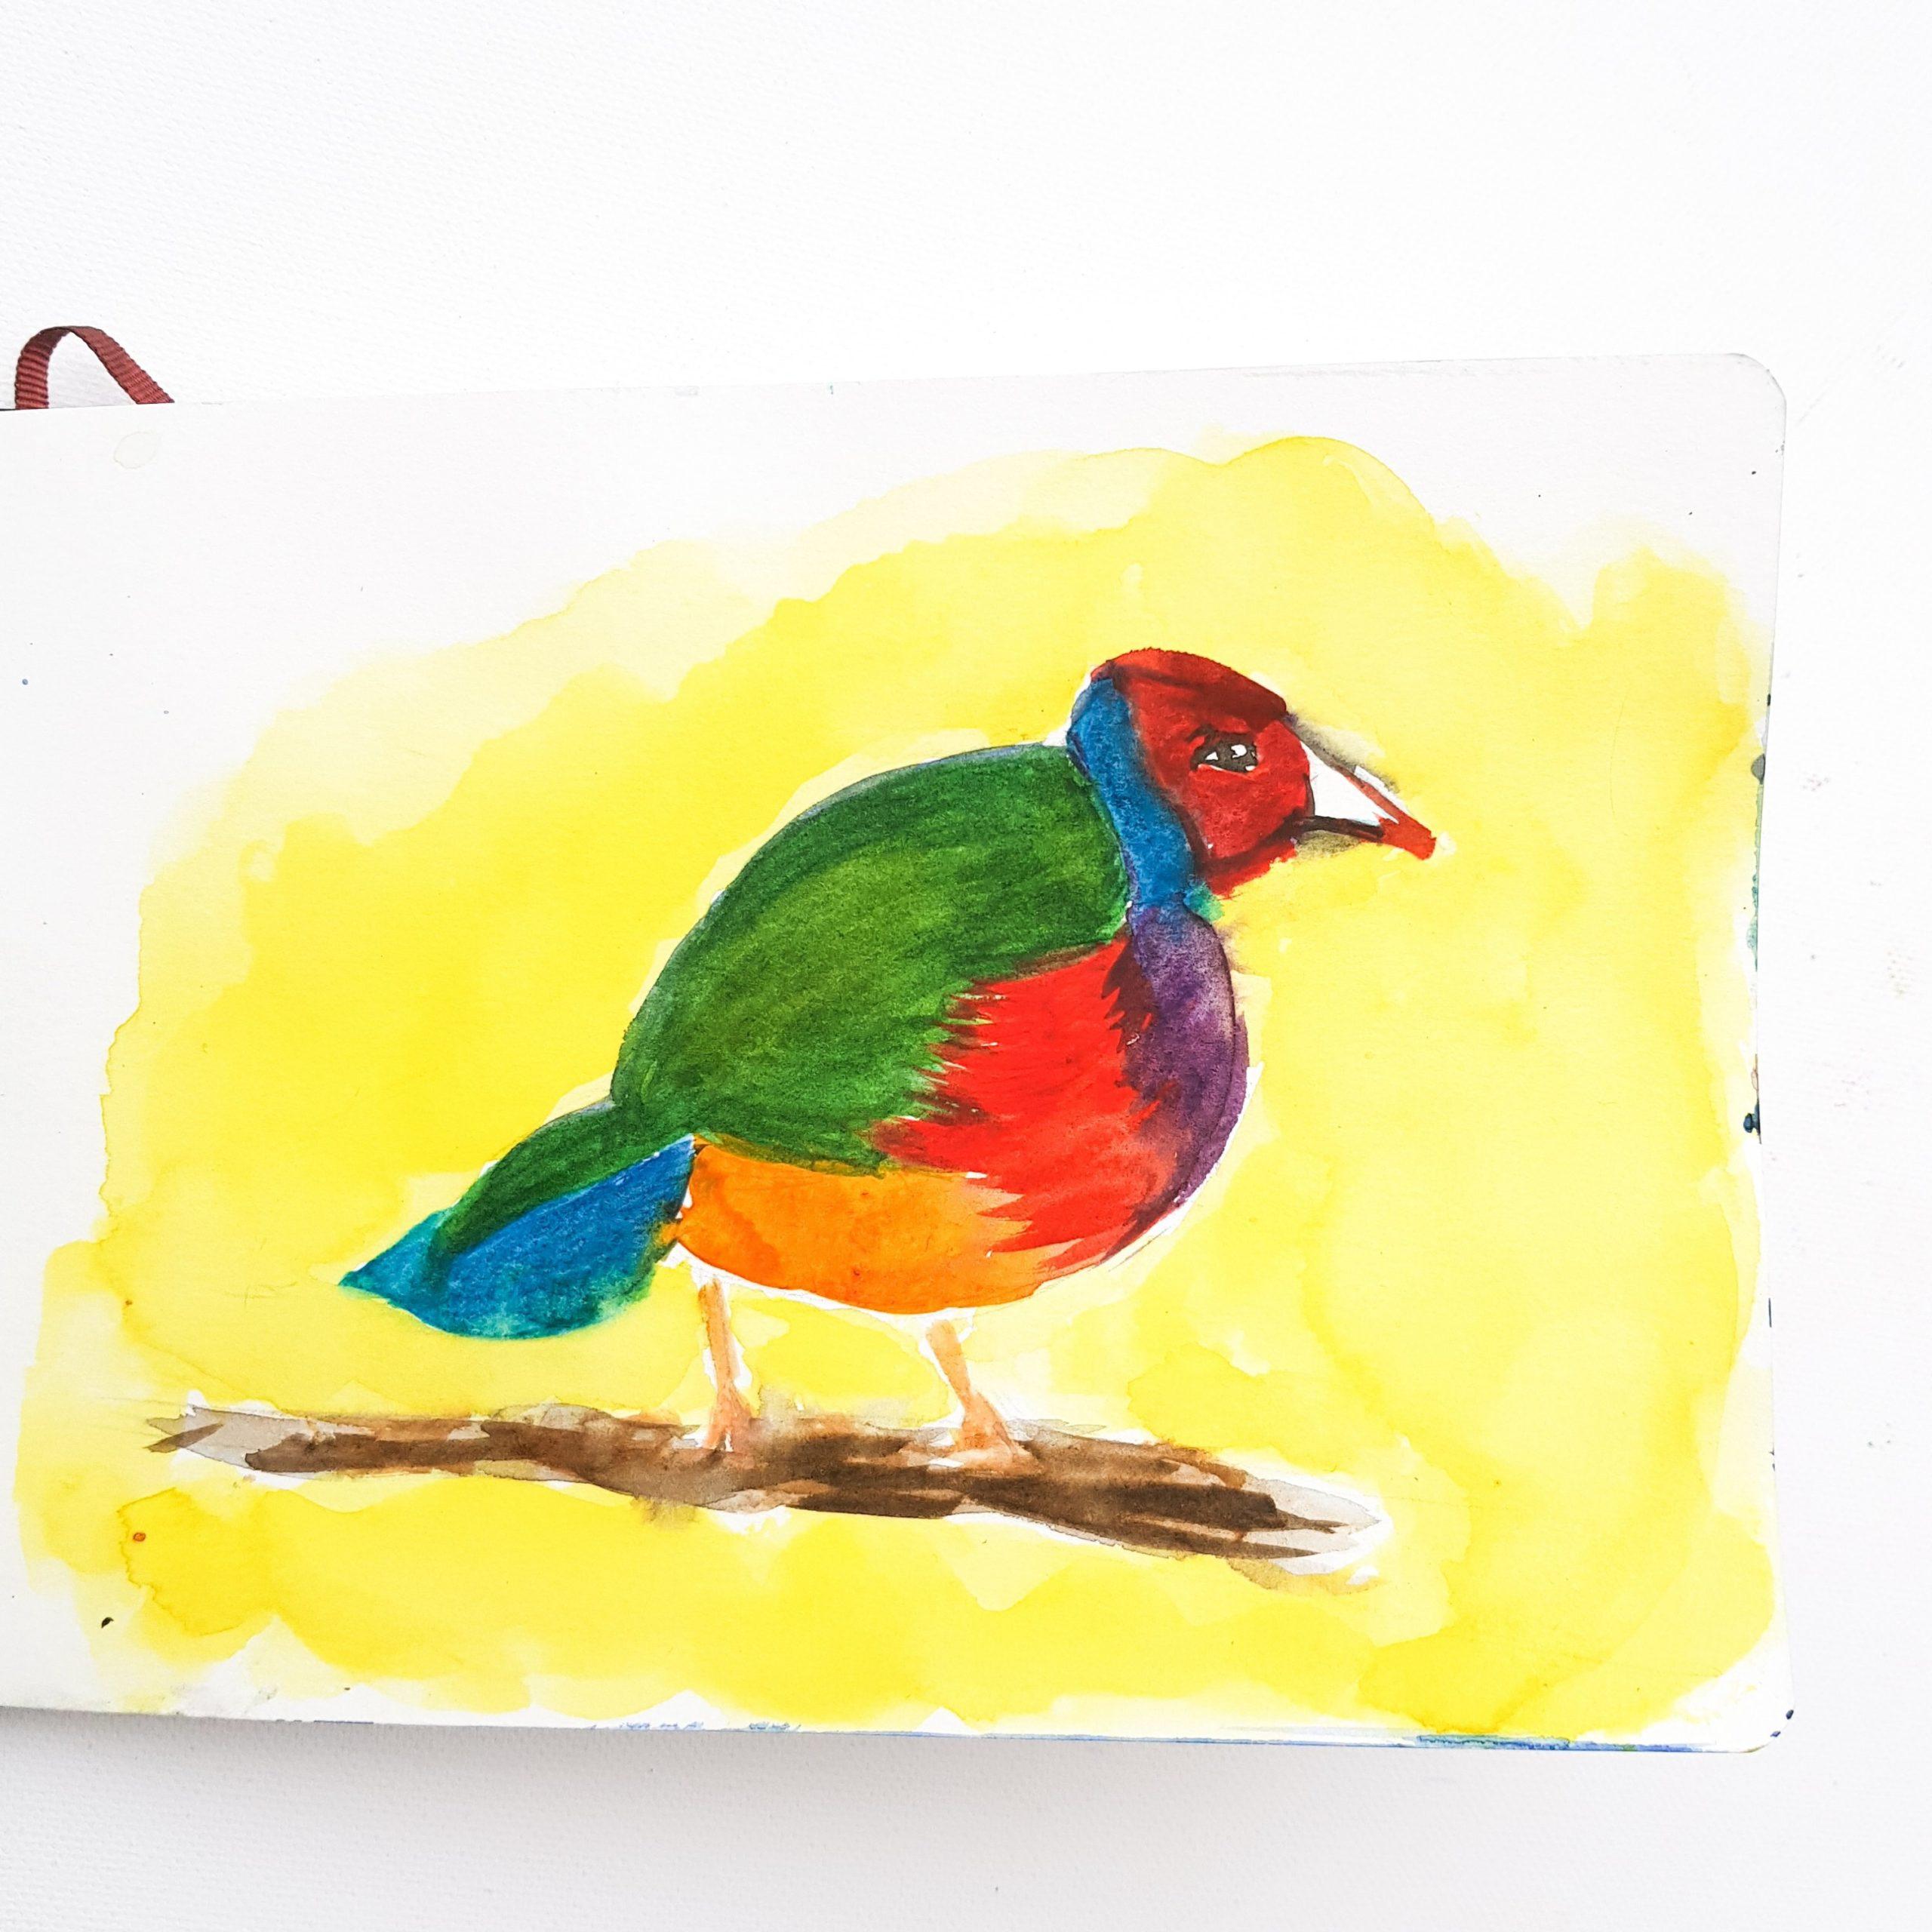 colourfulbird.jpg